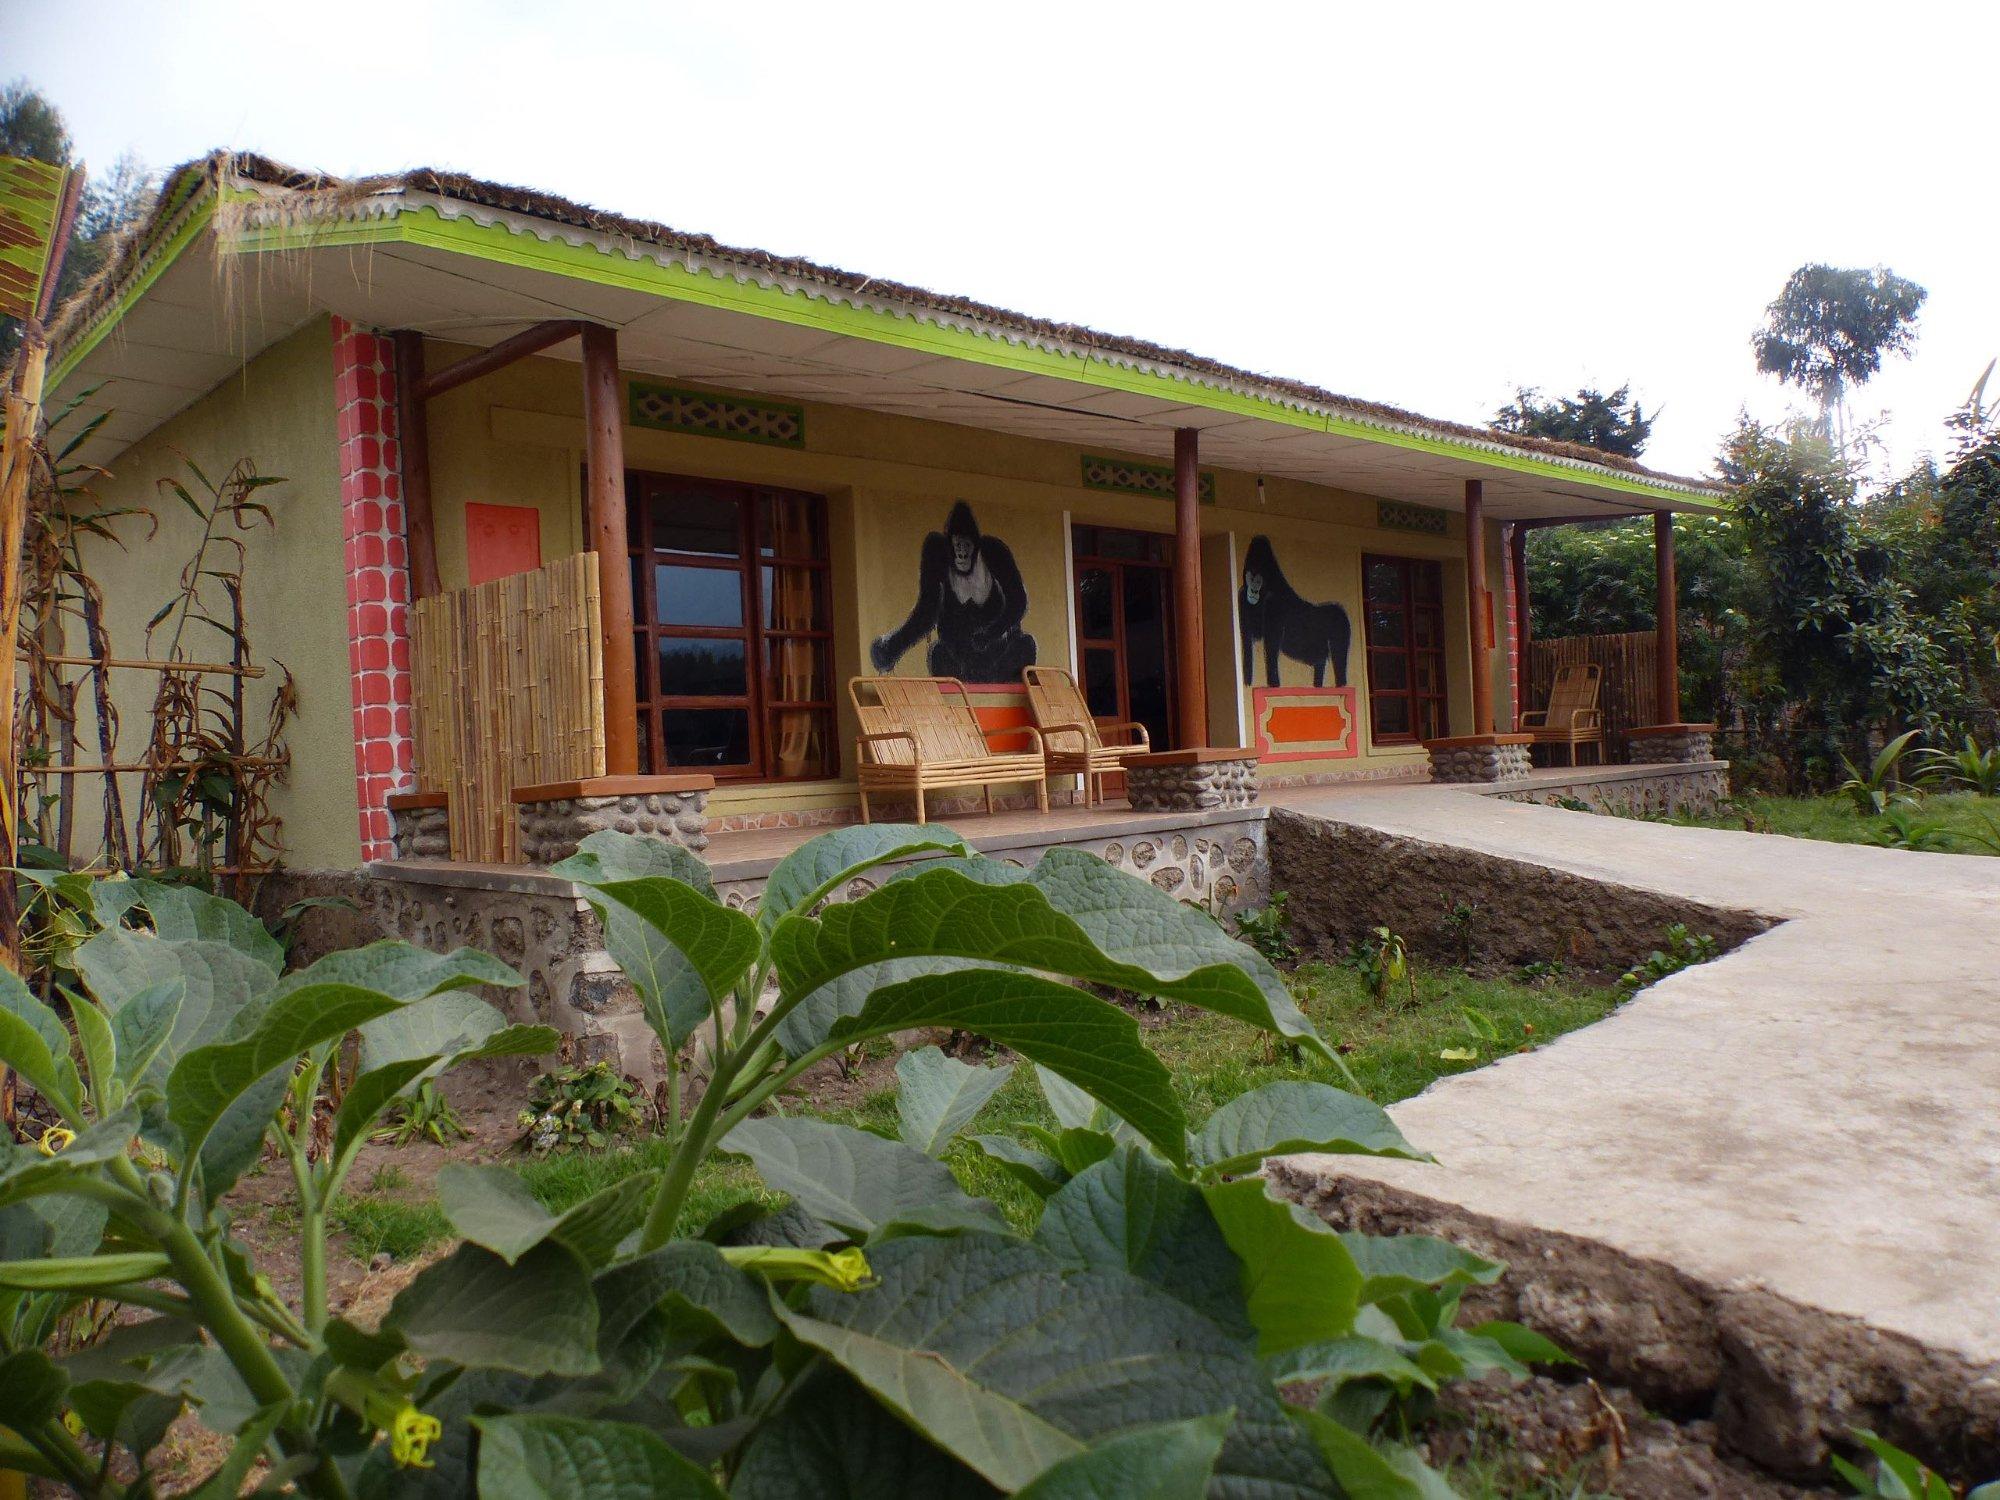 Villa Gorilla